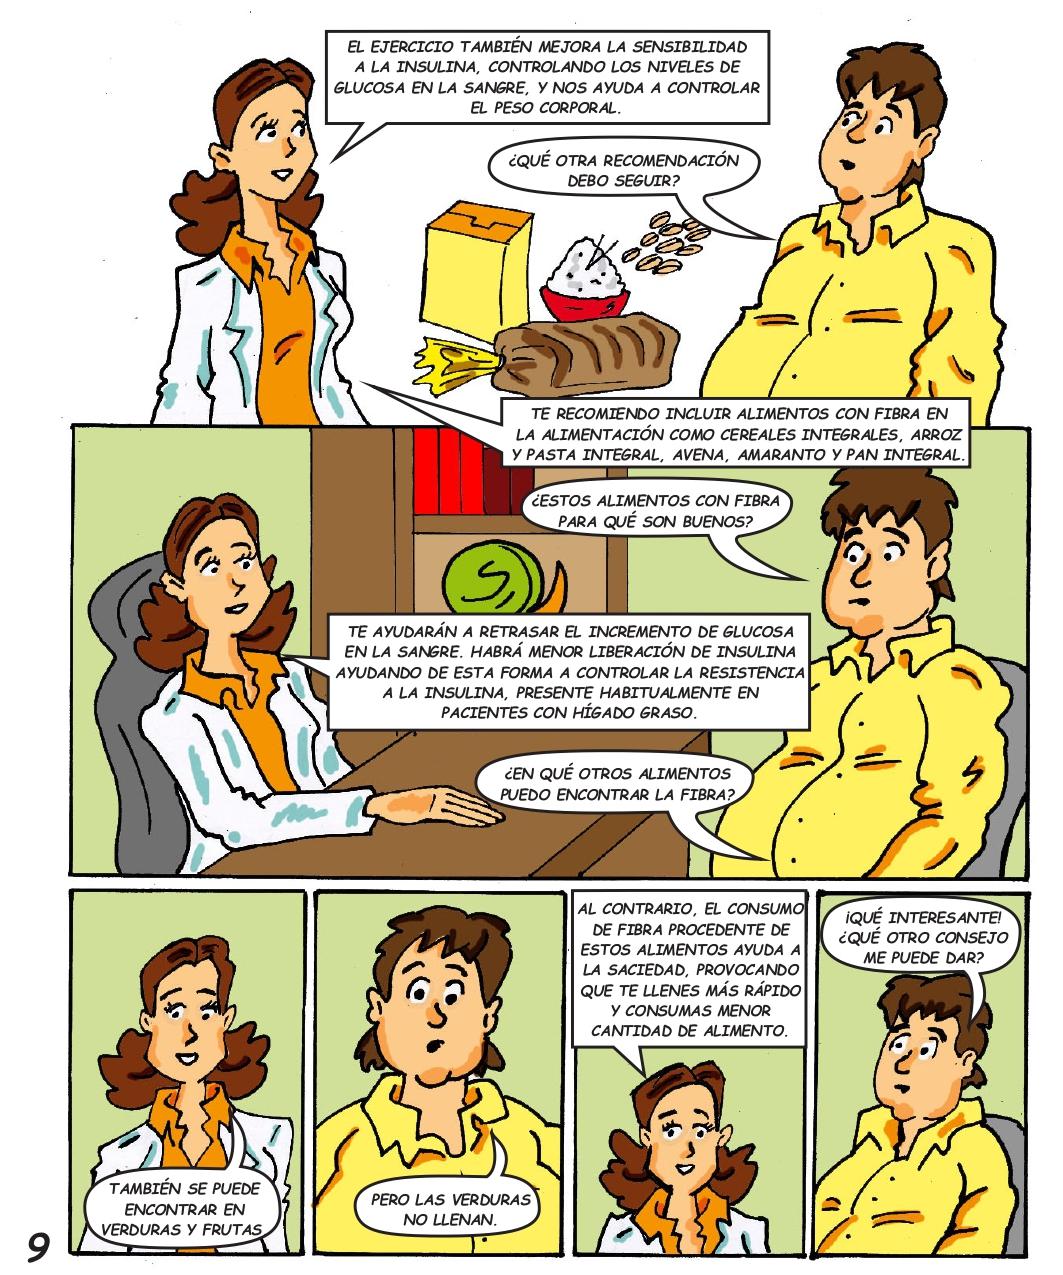 Higado graso digital_page-0011